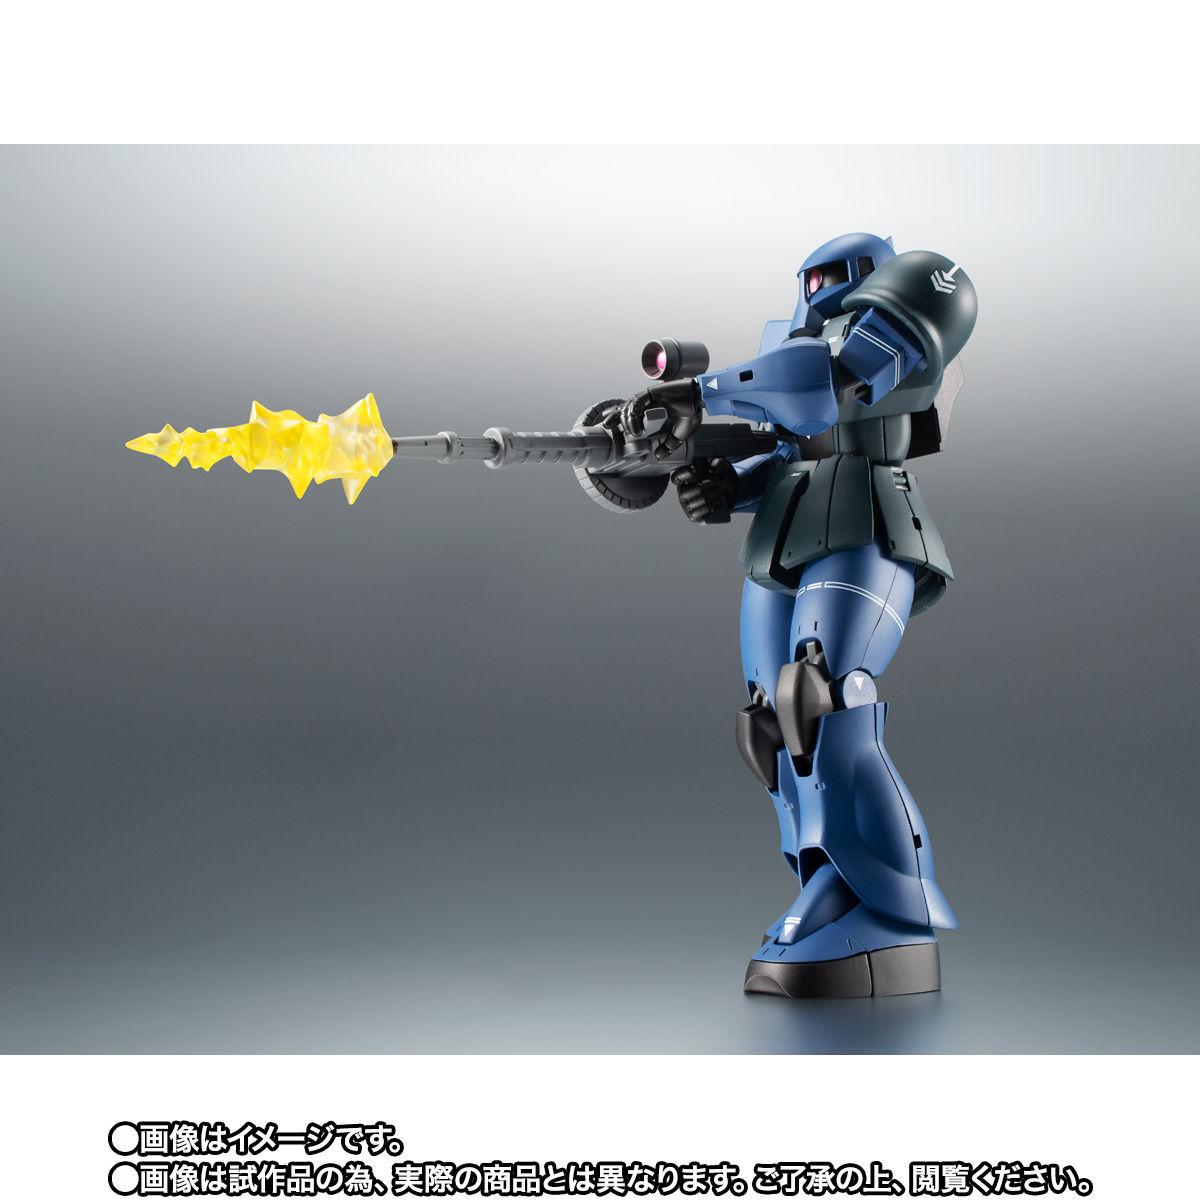 【限定販売】ROBOT魂〈SIDE MS〉『MS-05B 旧ザク ver. A.N.I.M.E. ~黒い三連星~』ガンダム 可動フィギュア-007